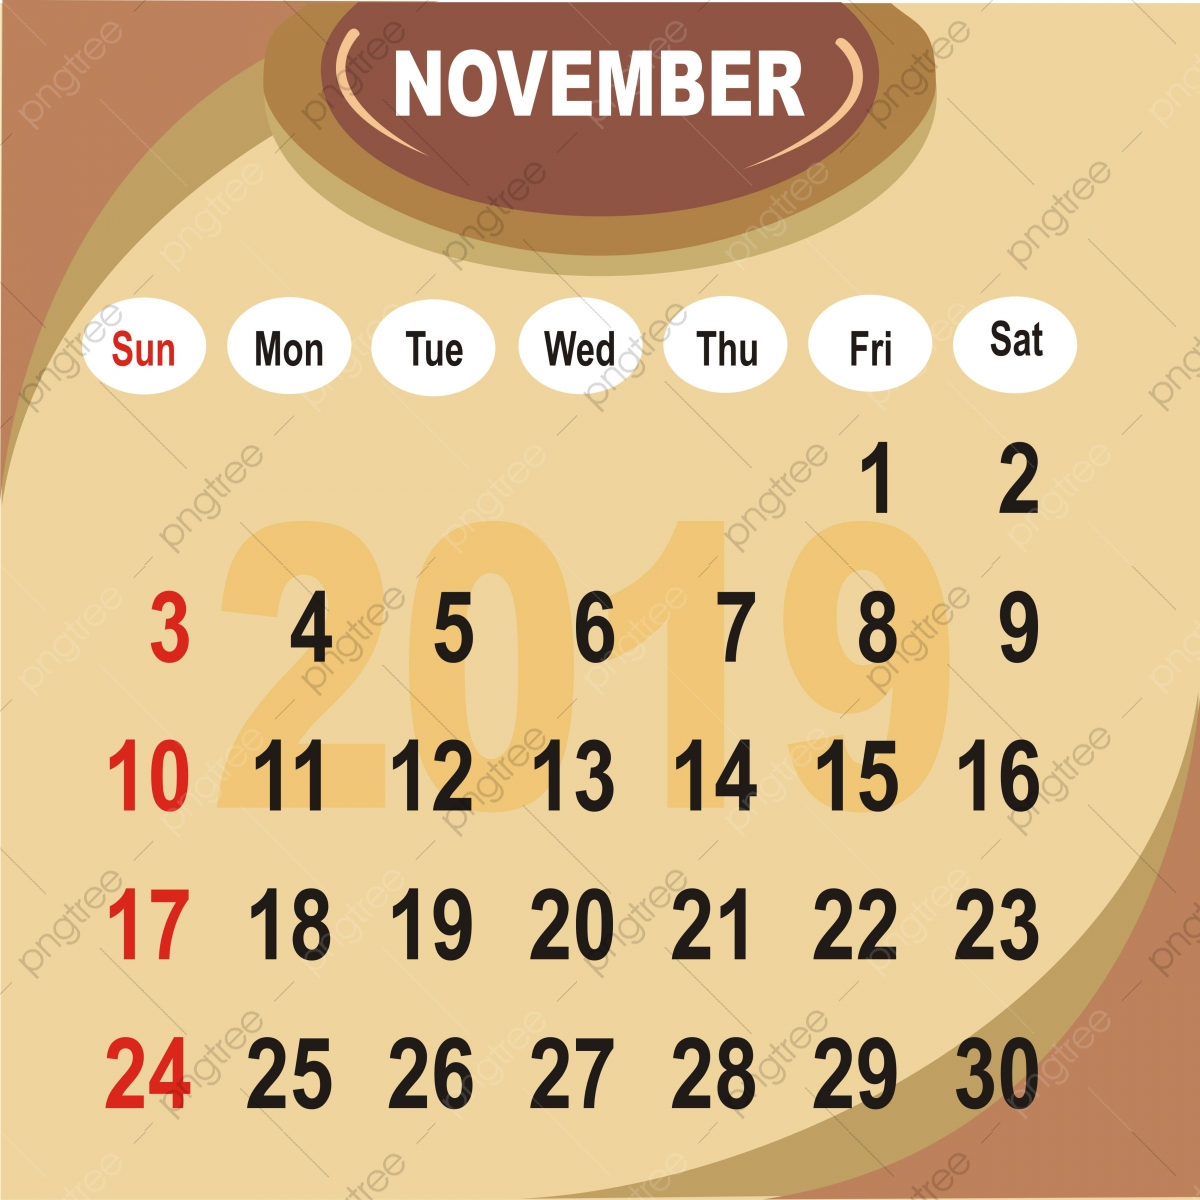 Calendrier Mois De Novembre 2019.Les Mois De Calendrier Novembre 2019 Calendrier Aout